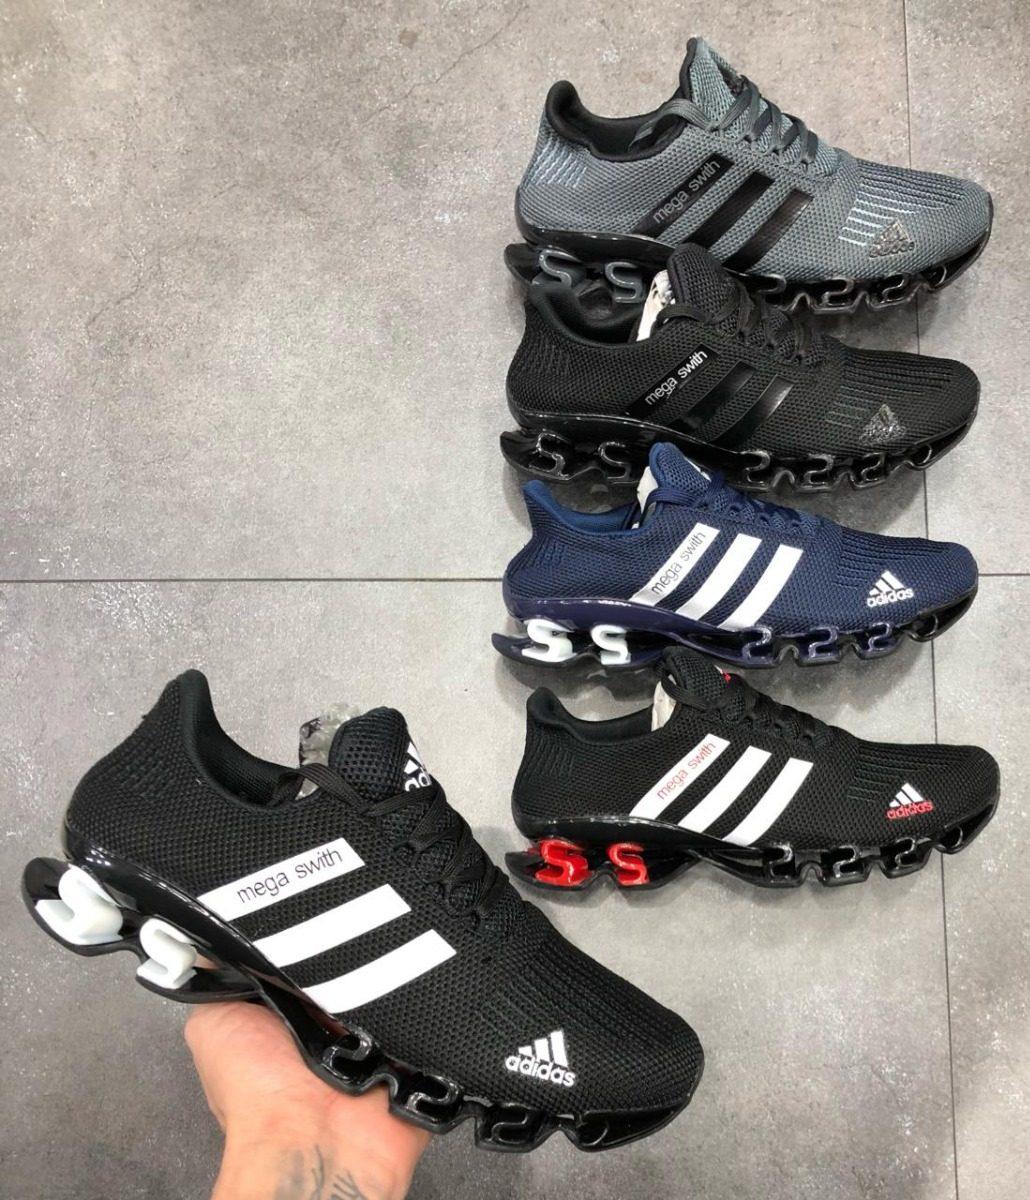 zapatos clasicos fotos nuevas gran venta de liquidación Zapatillas Tenis adidas Ultima Coleccion 2019 Original